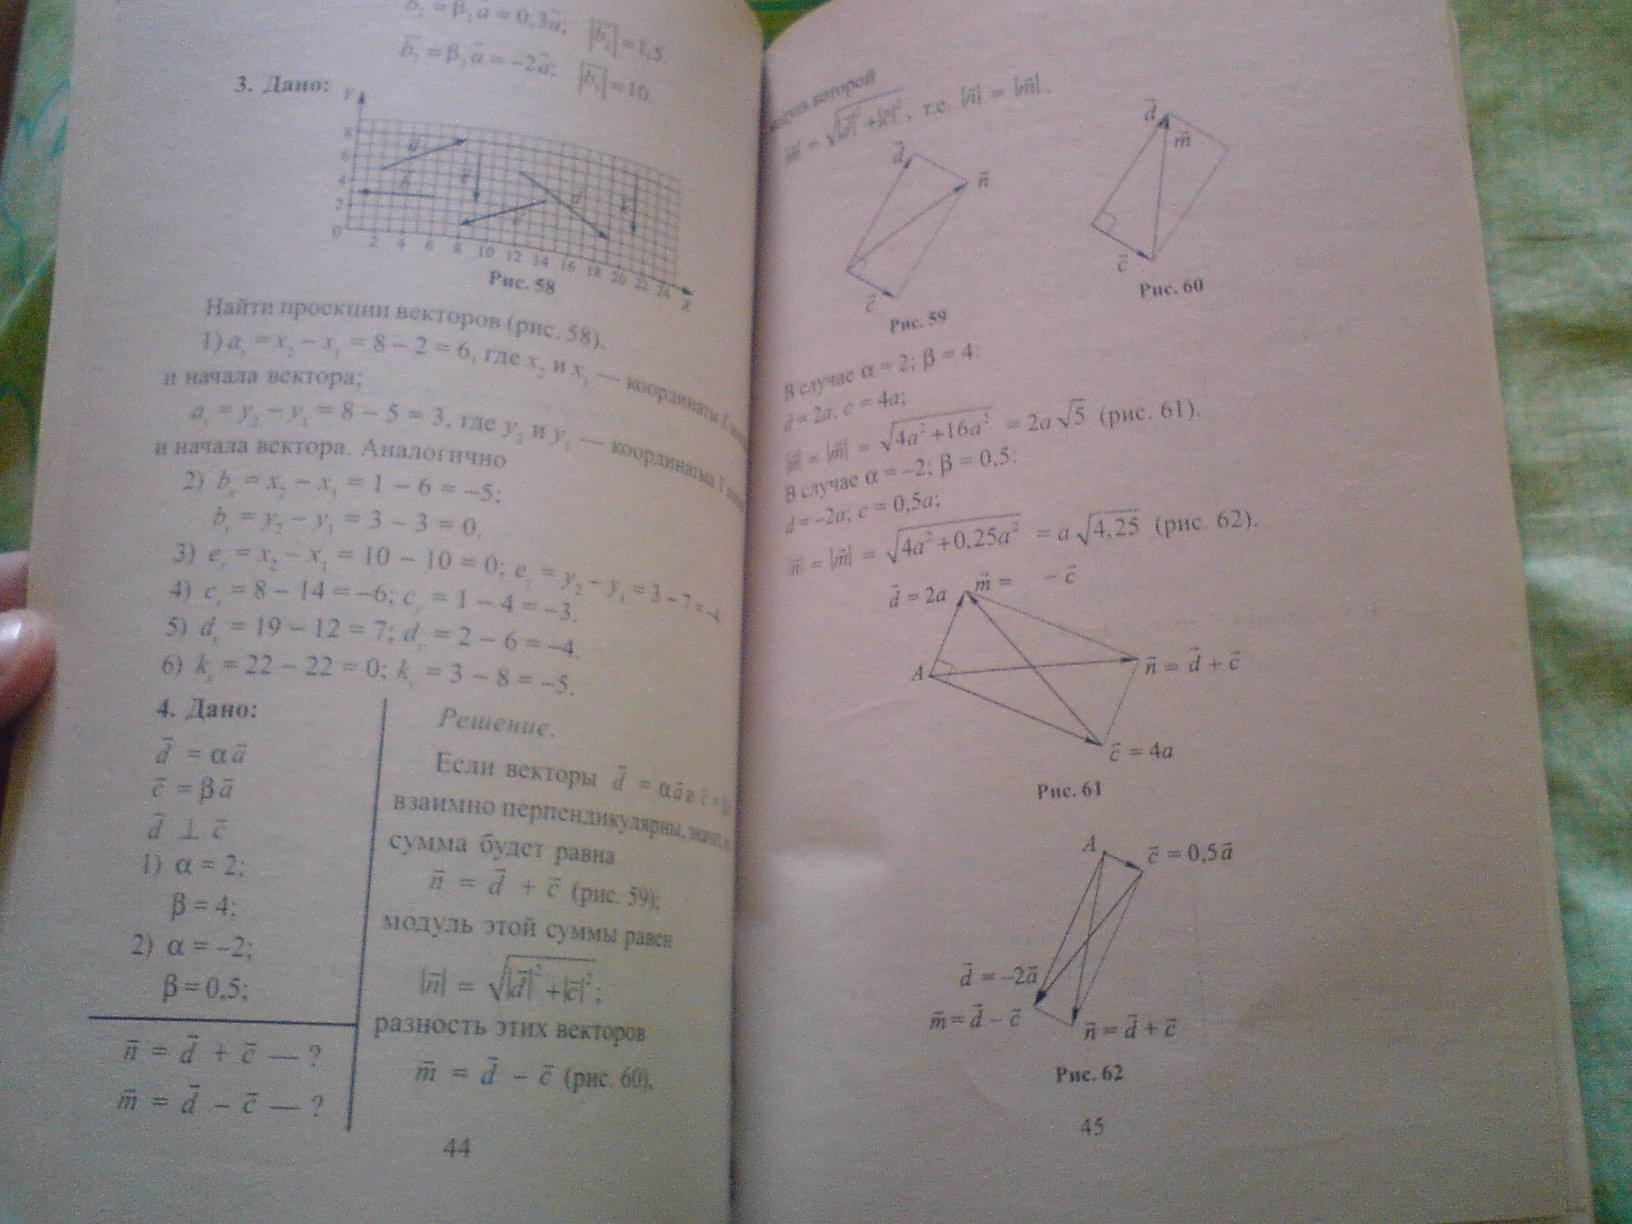 Решебник по физике 9 класс. Страница 25